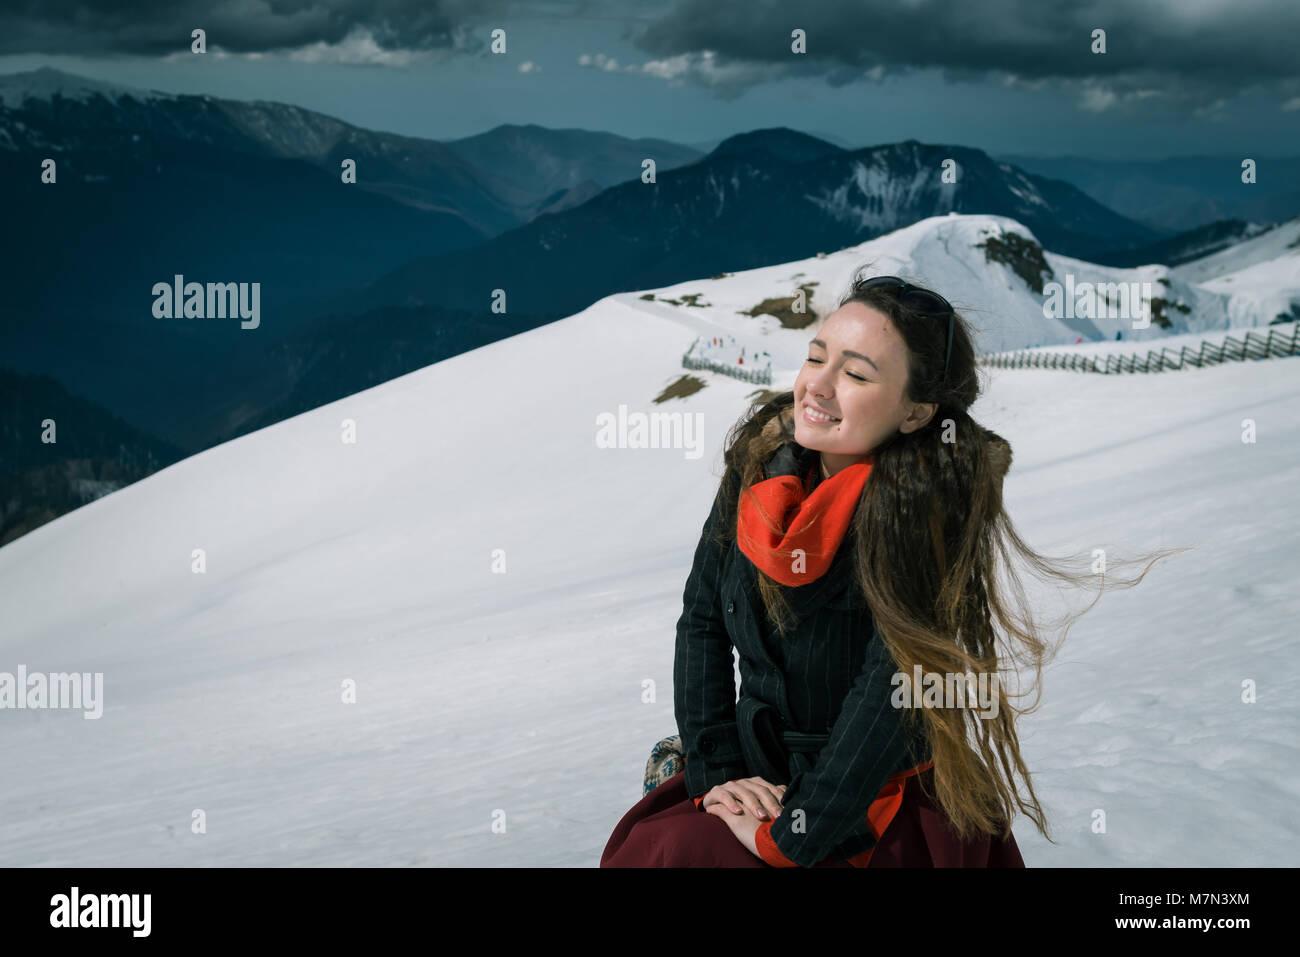 Jeune femme assise sur le sommet de montagnes de neige dans la station de ski. Voyageur branché offre une journée Photo Stock